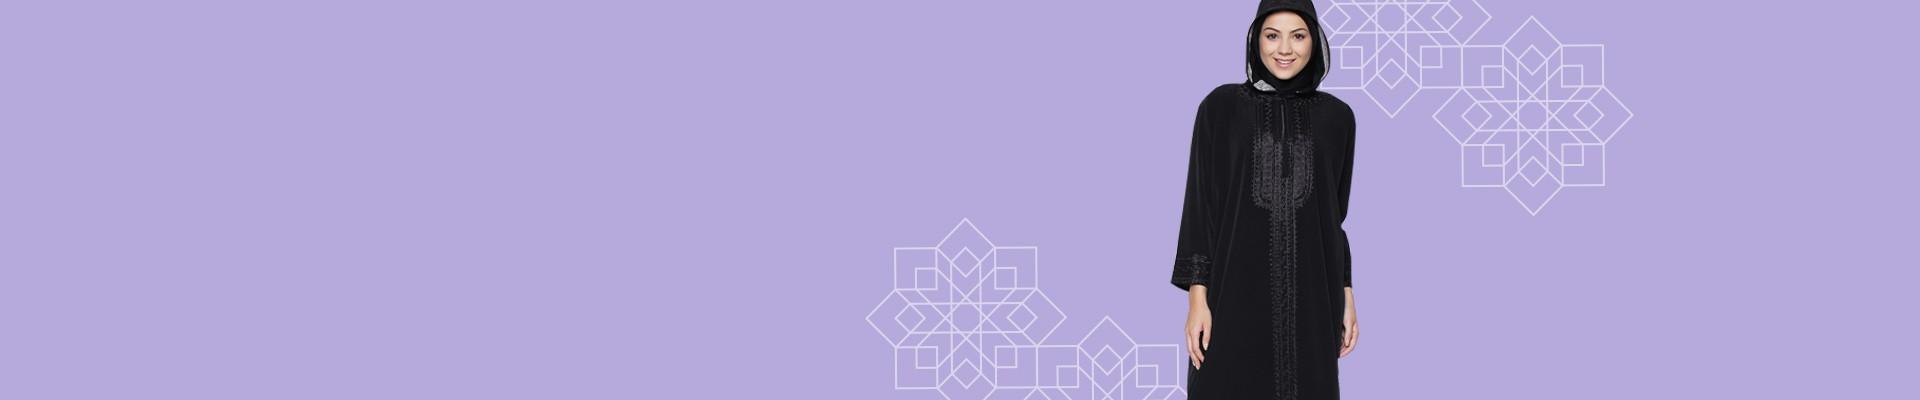 Jual Abaya Muslim Model Terbaru & Terlengkap